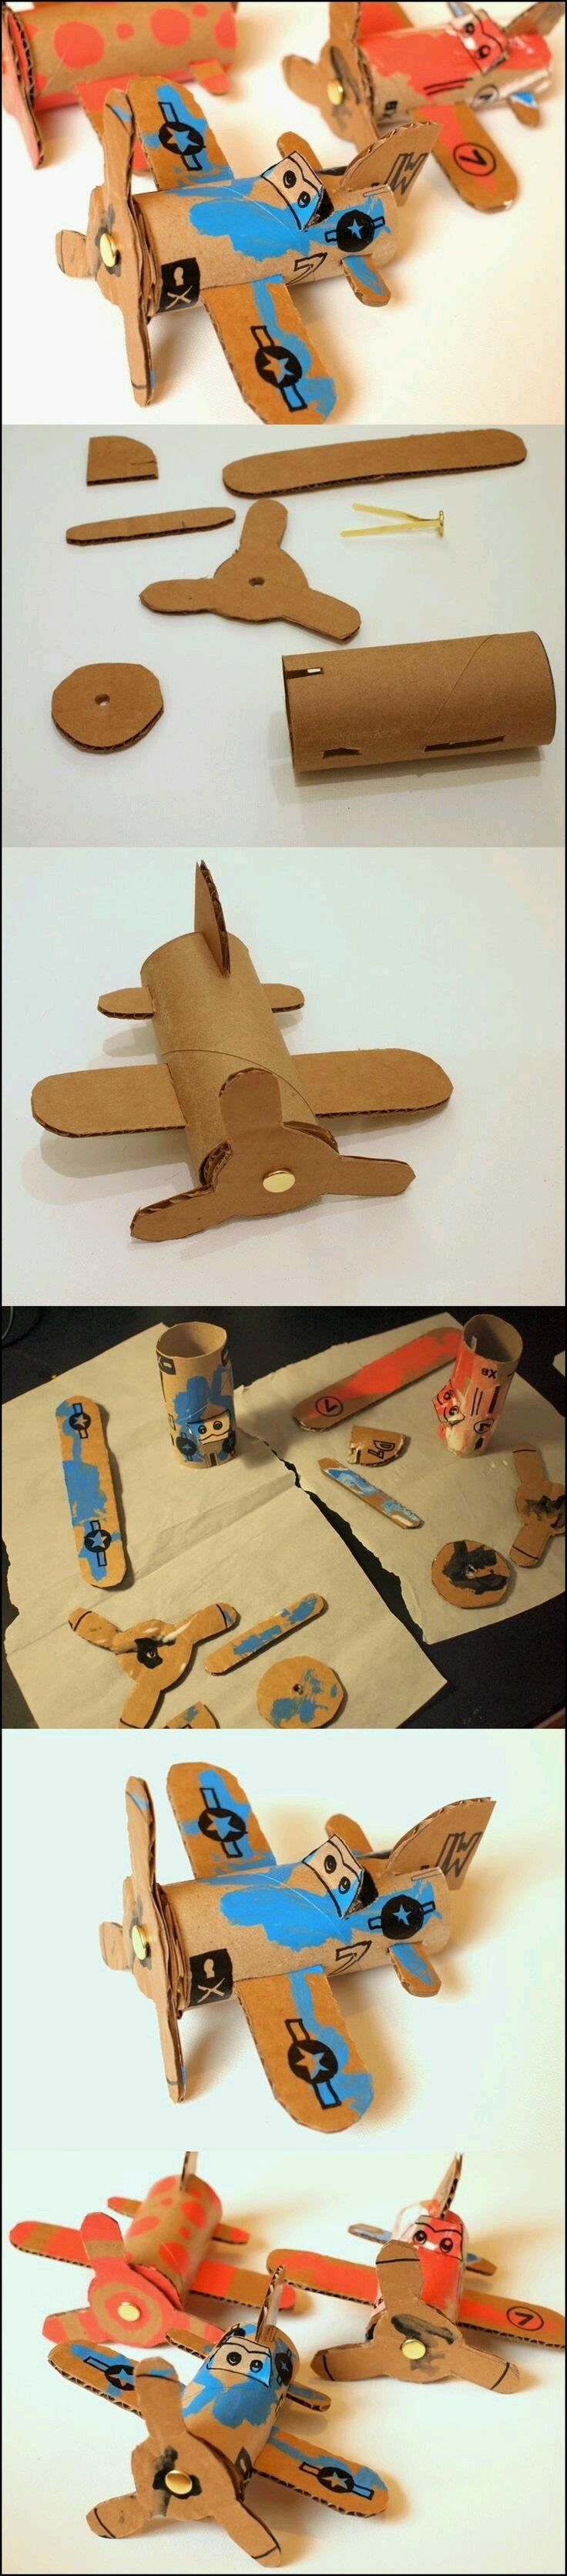 Tuvalet Kağıdı Rulosundan Helikopter Yapımı